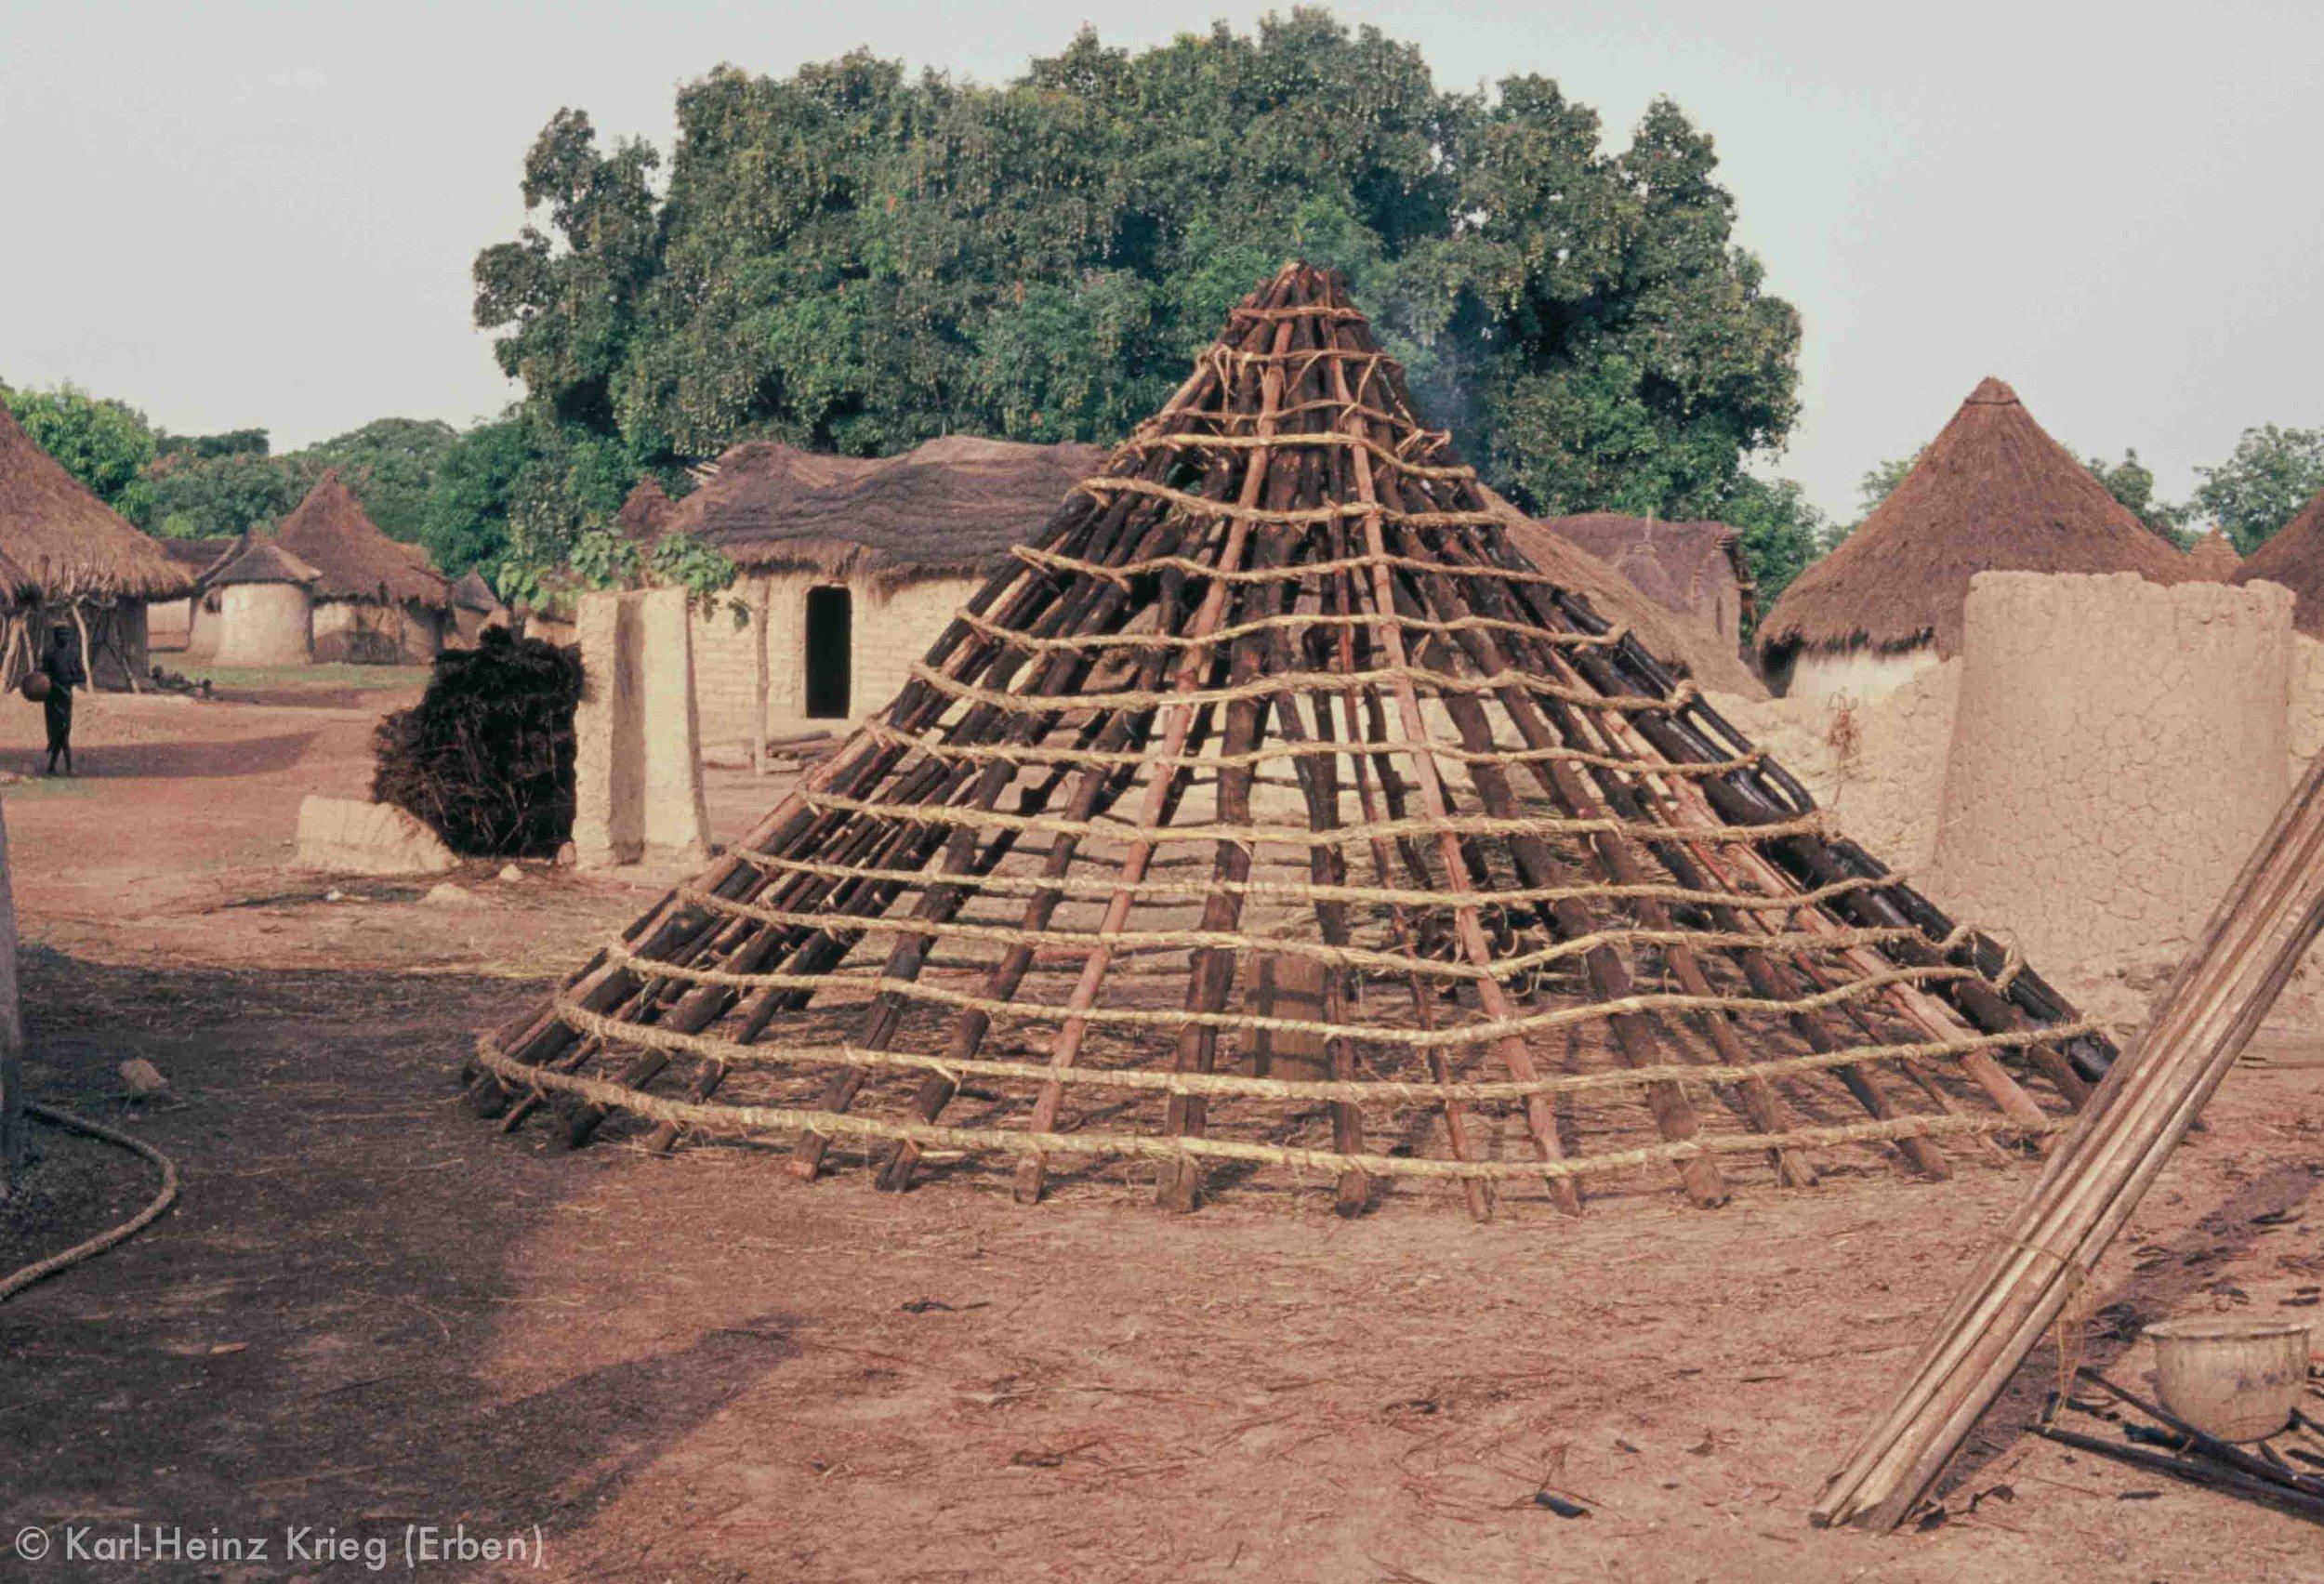 Bau eines Hüttendaches in Sisséplé (Region von Boundiali, Côte d'Ivoire). Foto: Karl-Heinz Krieg, 1976